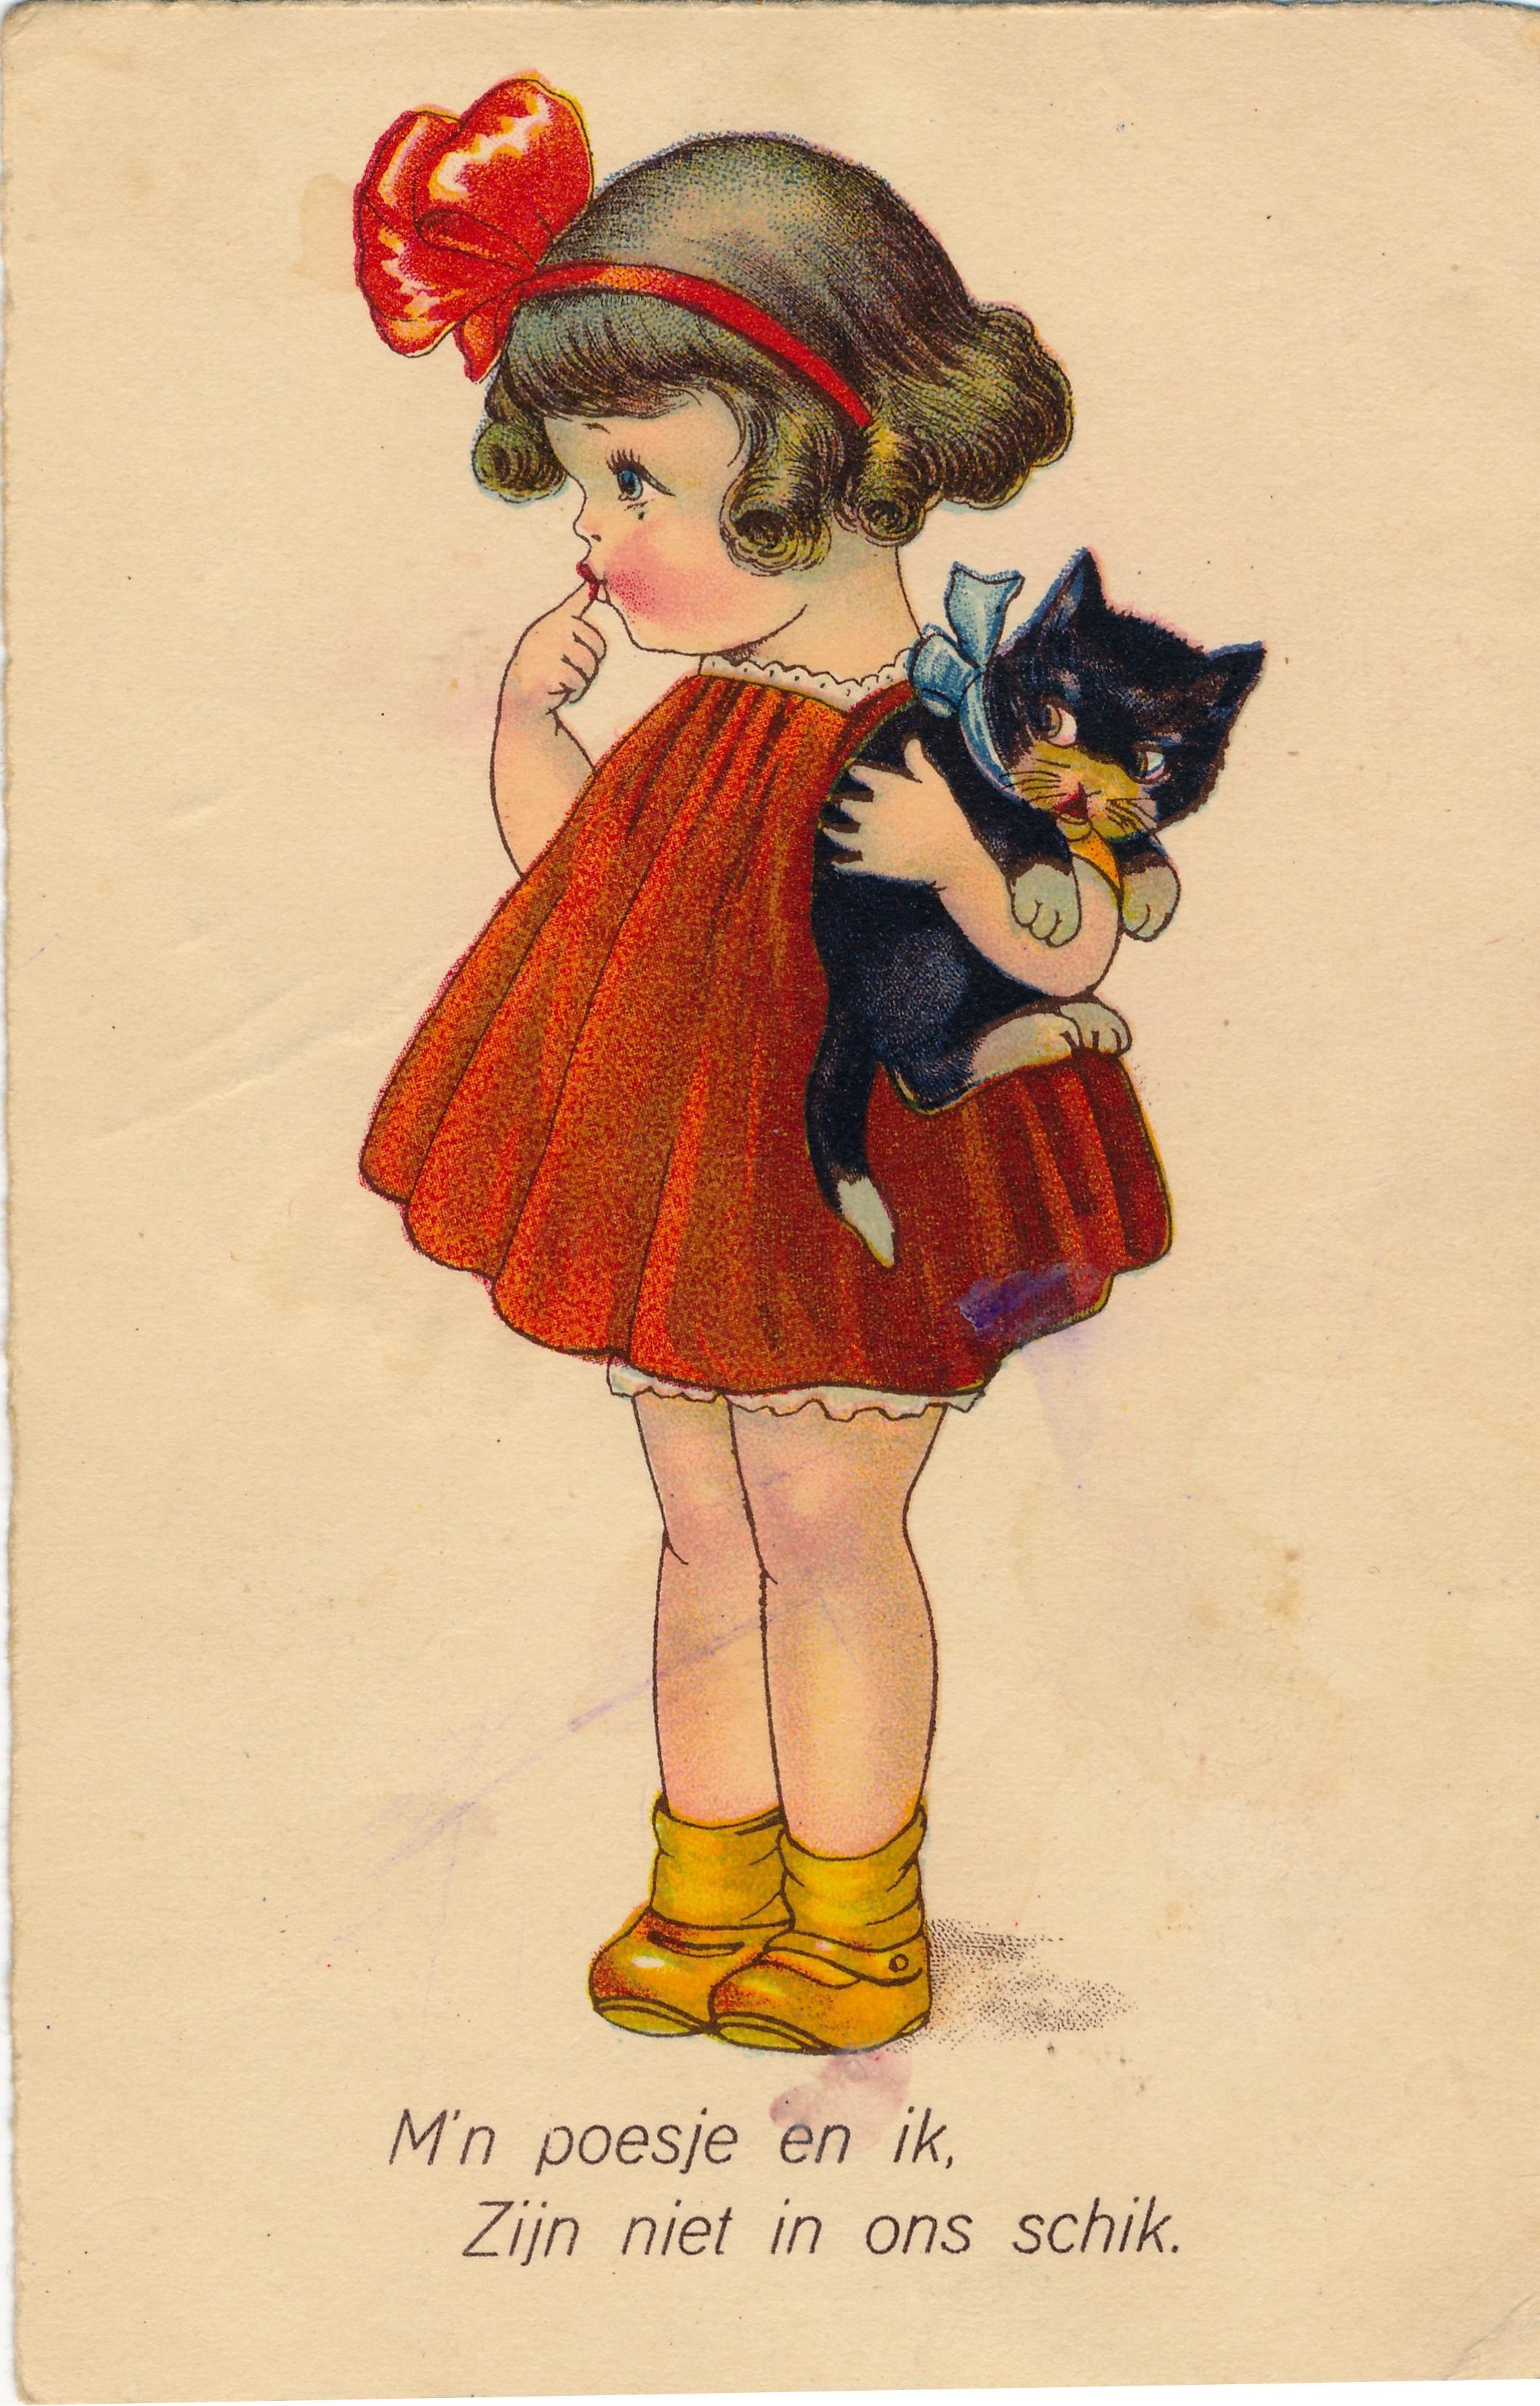 All sizes | pc Mijn poesje en ik j 30 | Flickr - Photo Sharing!